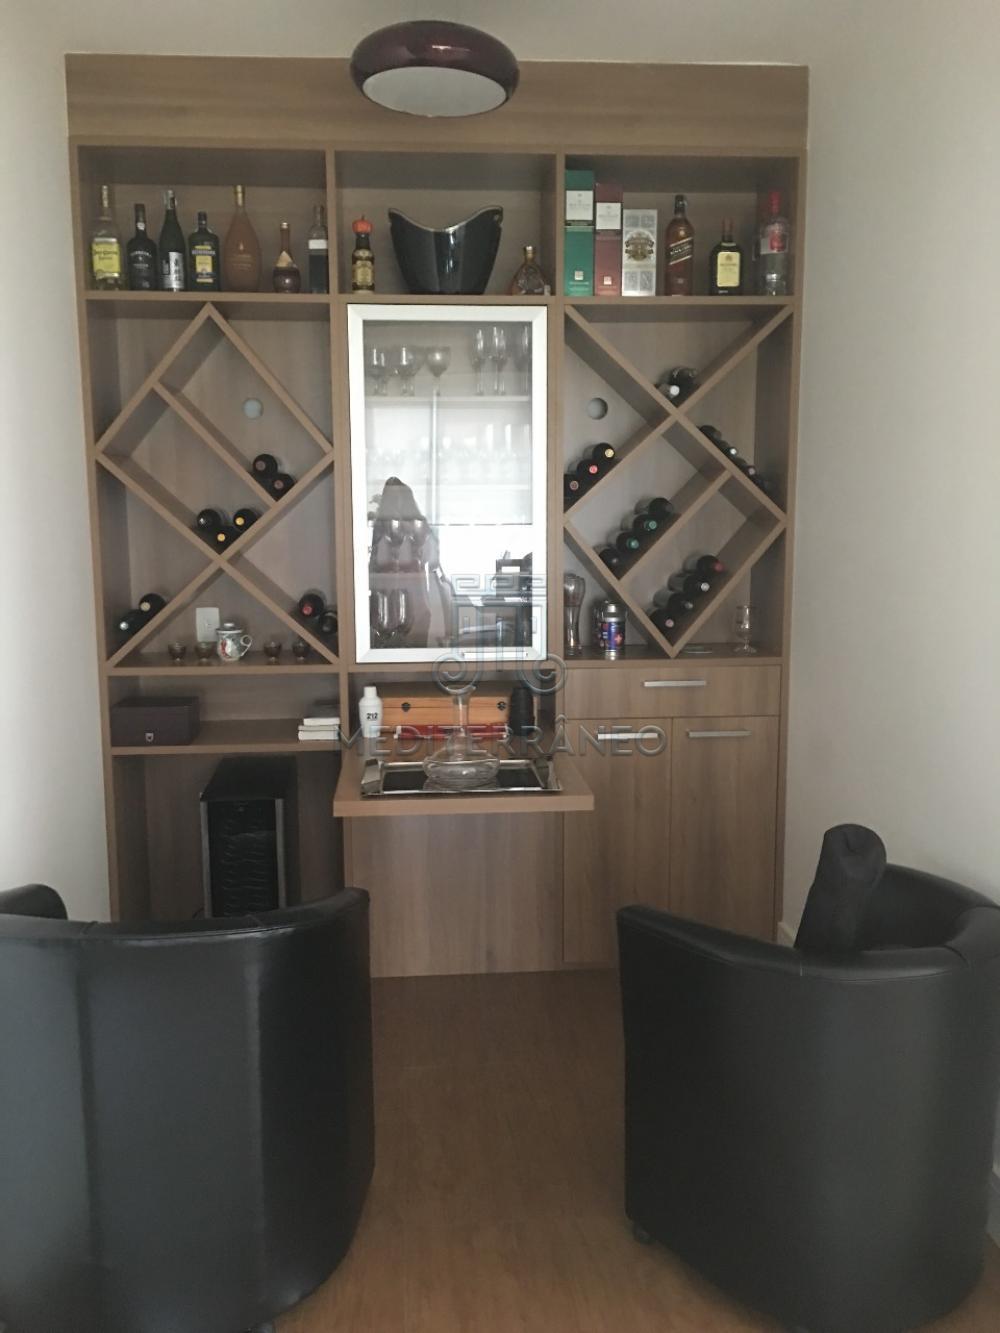 Alugar Casa / Condomínio em Jundiaí apenas R$ 5.000,00 - Foto 5